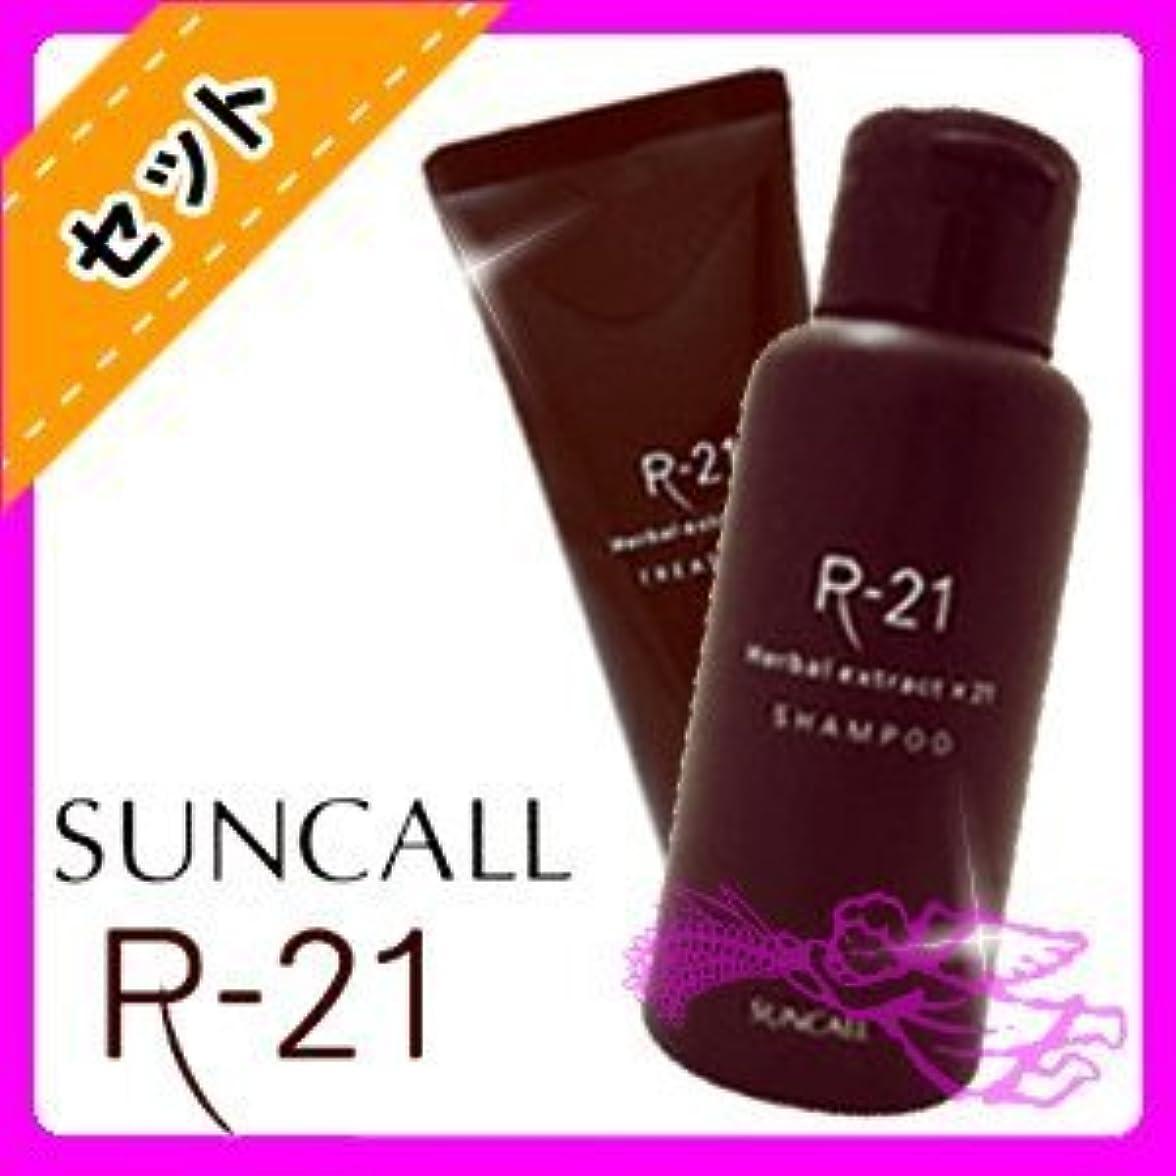 演じる相関する拍手するサンコール R-21 シャンプー 50mL & トリートメント 50g セット 頭皮の汚れを除去し、髪にハリ?コシを与えます SUNCALL R-21